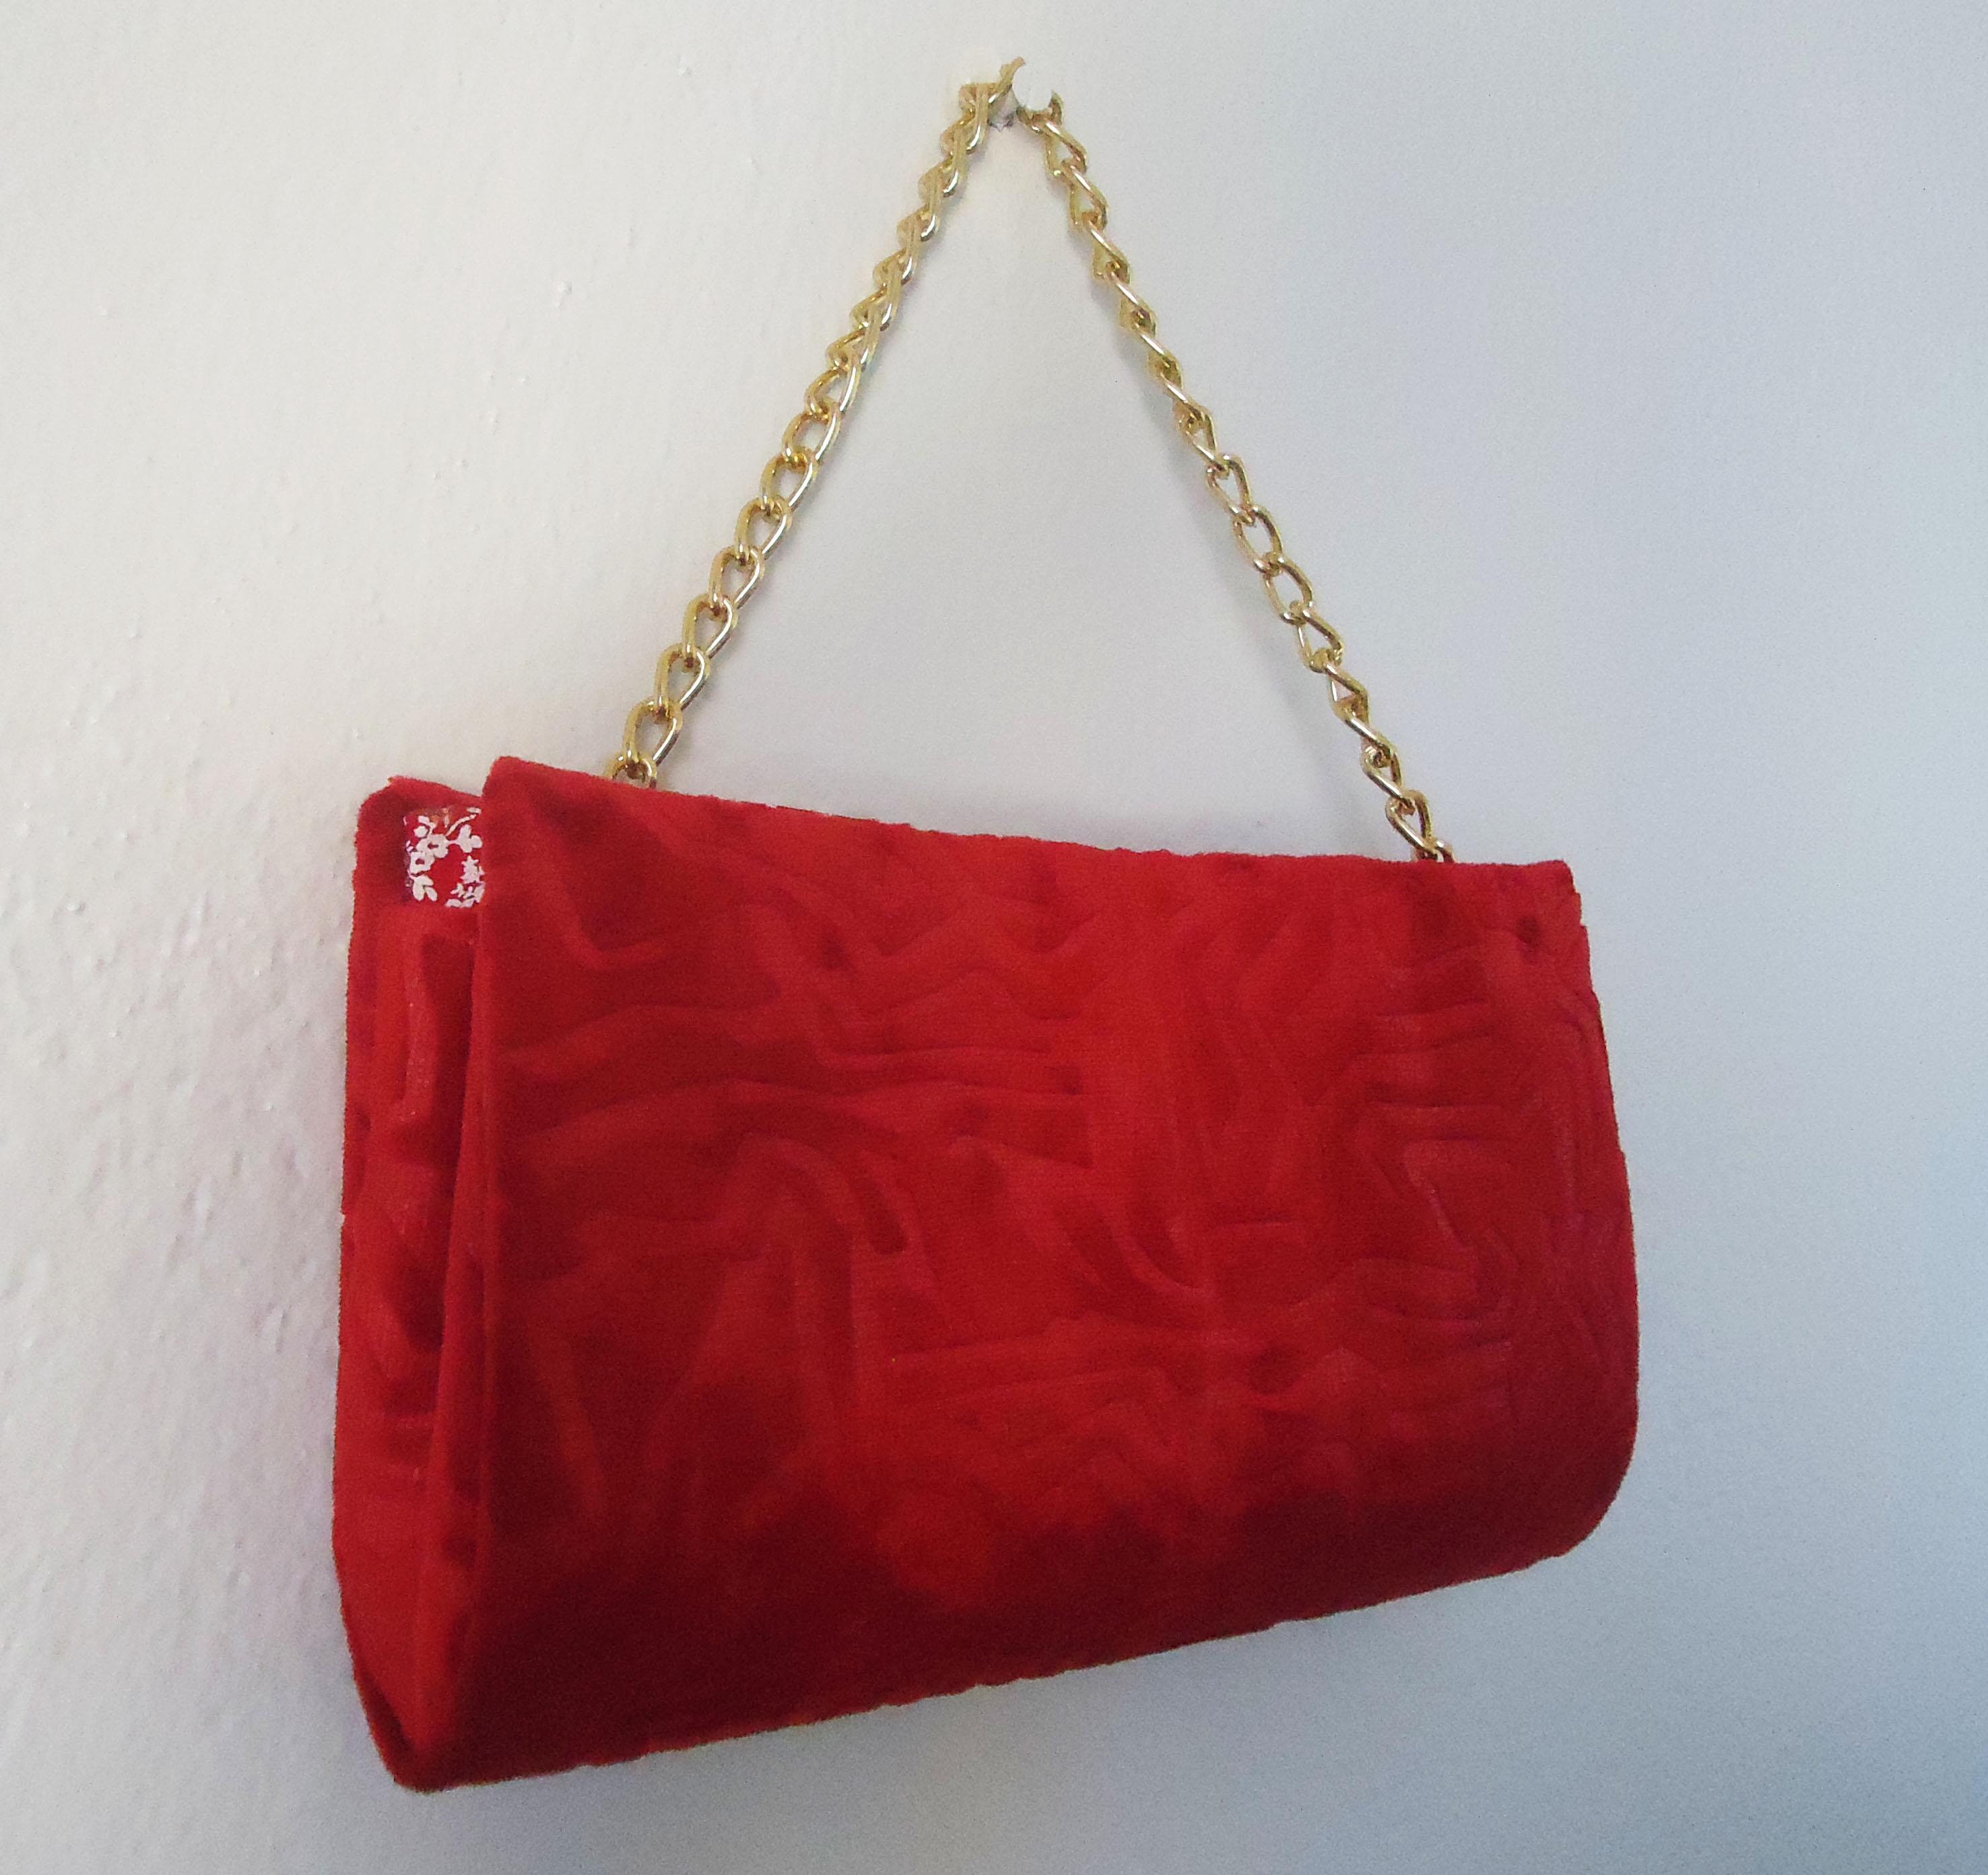 Bolsa De Festa De Caixa De Leite Passo A Passo : Bolsa de festa fashion studio art casa elo